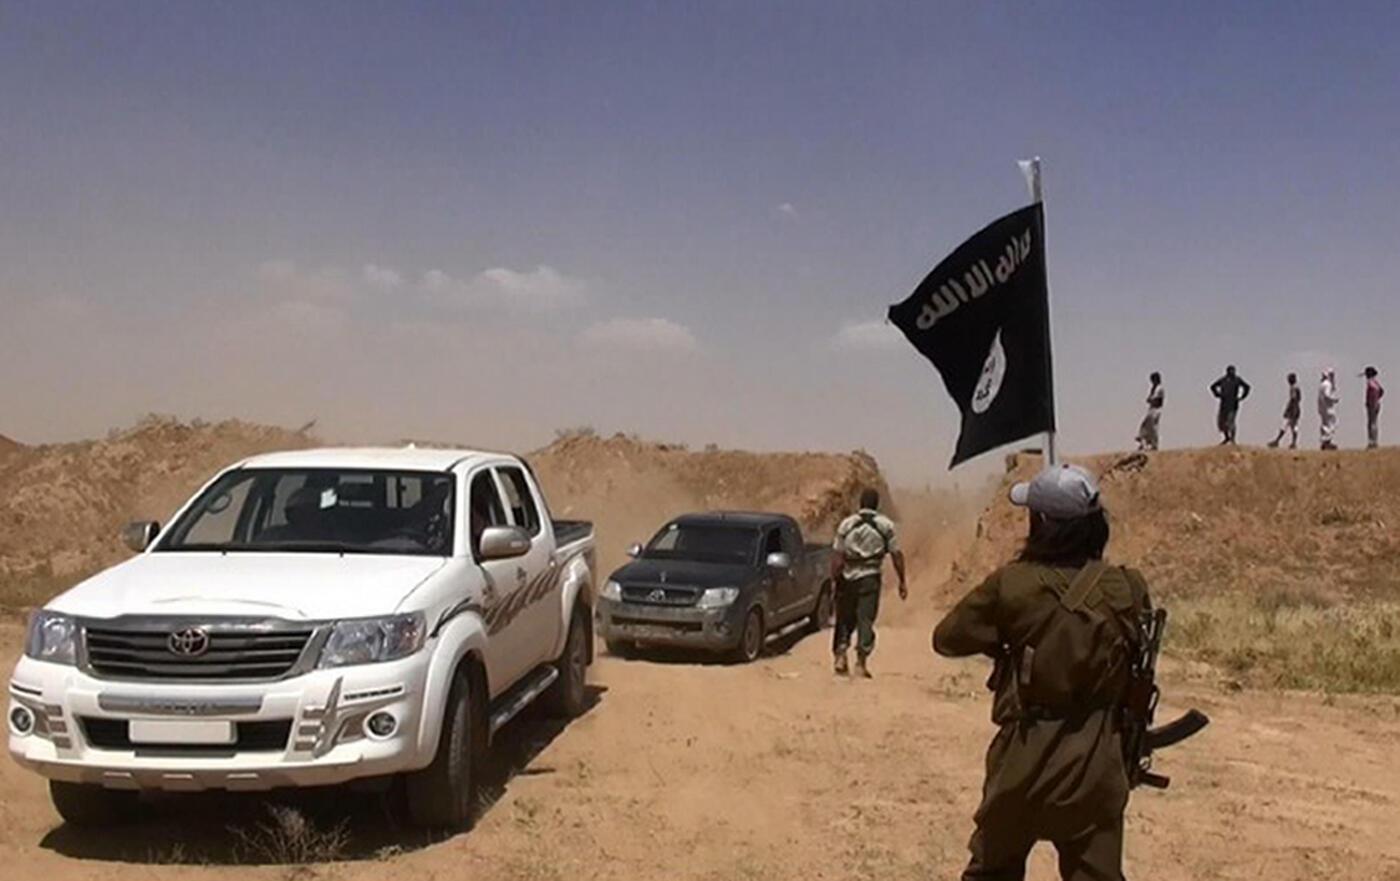 Le groupe Etat islamique, qui étend ses positions en Syrie, cherche également à recruter des hommes en Somalie.